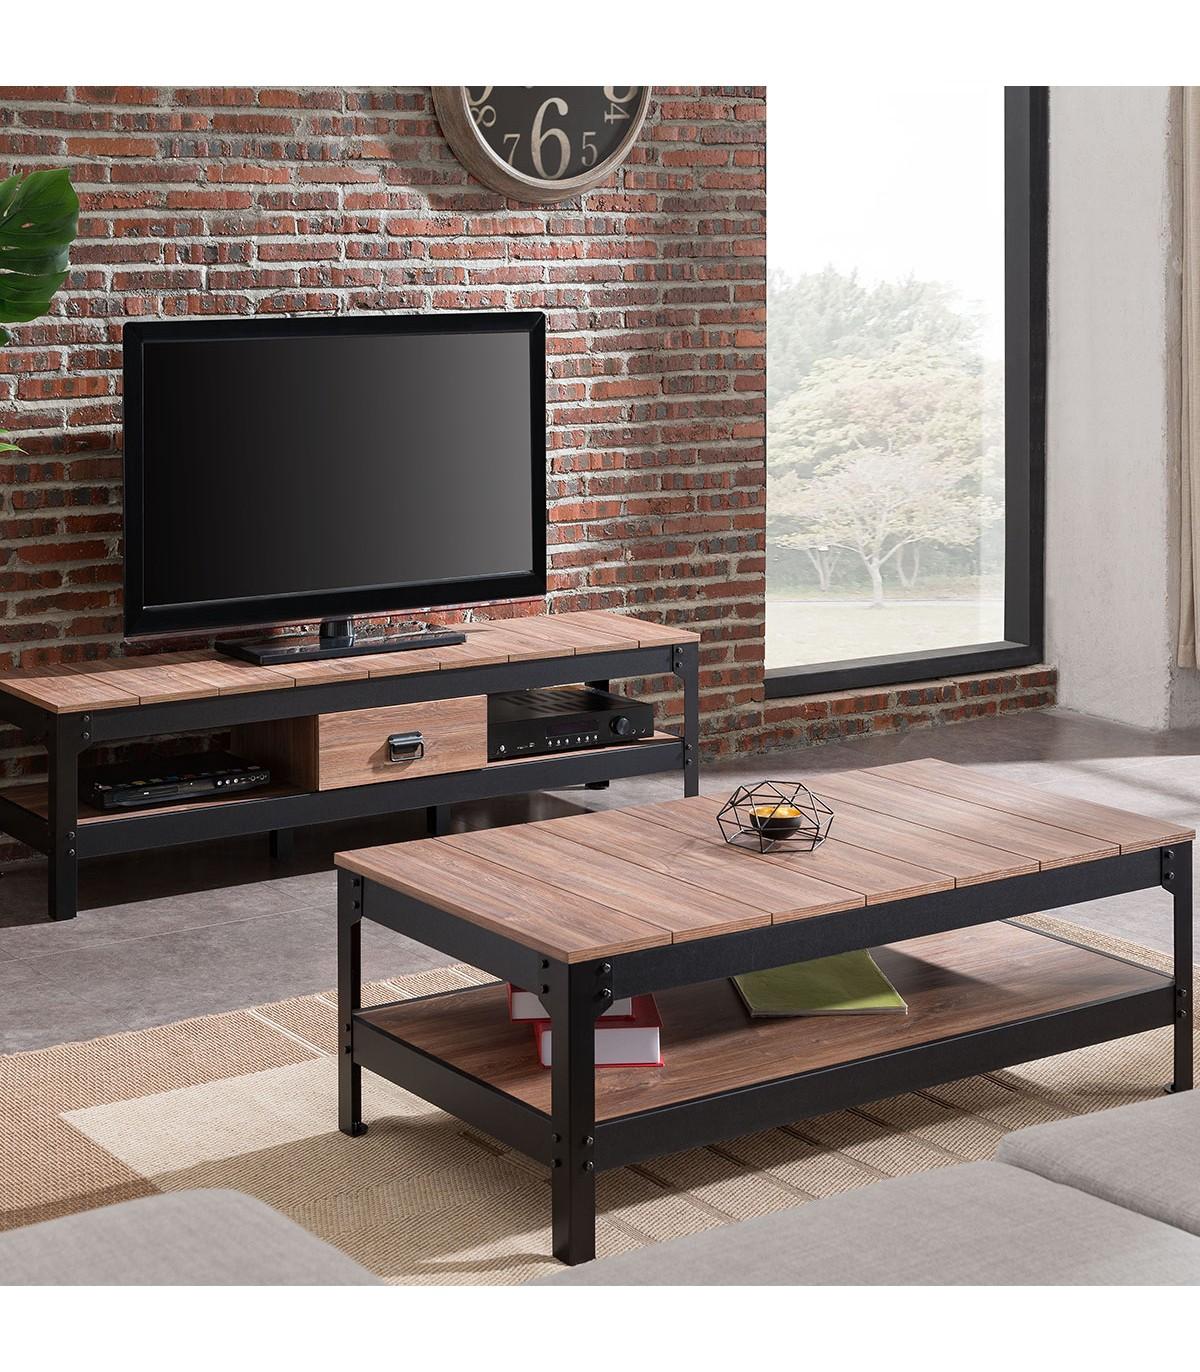 Table basse métal noir et bois - L117cm